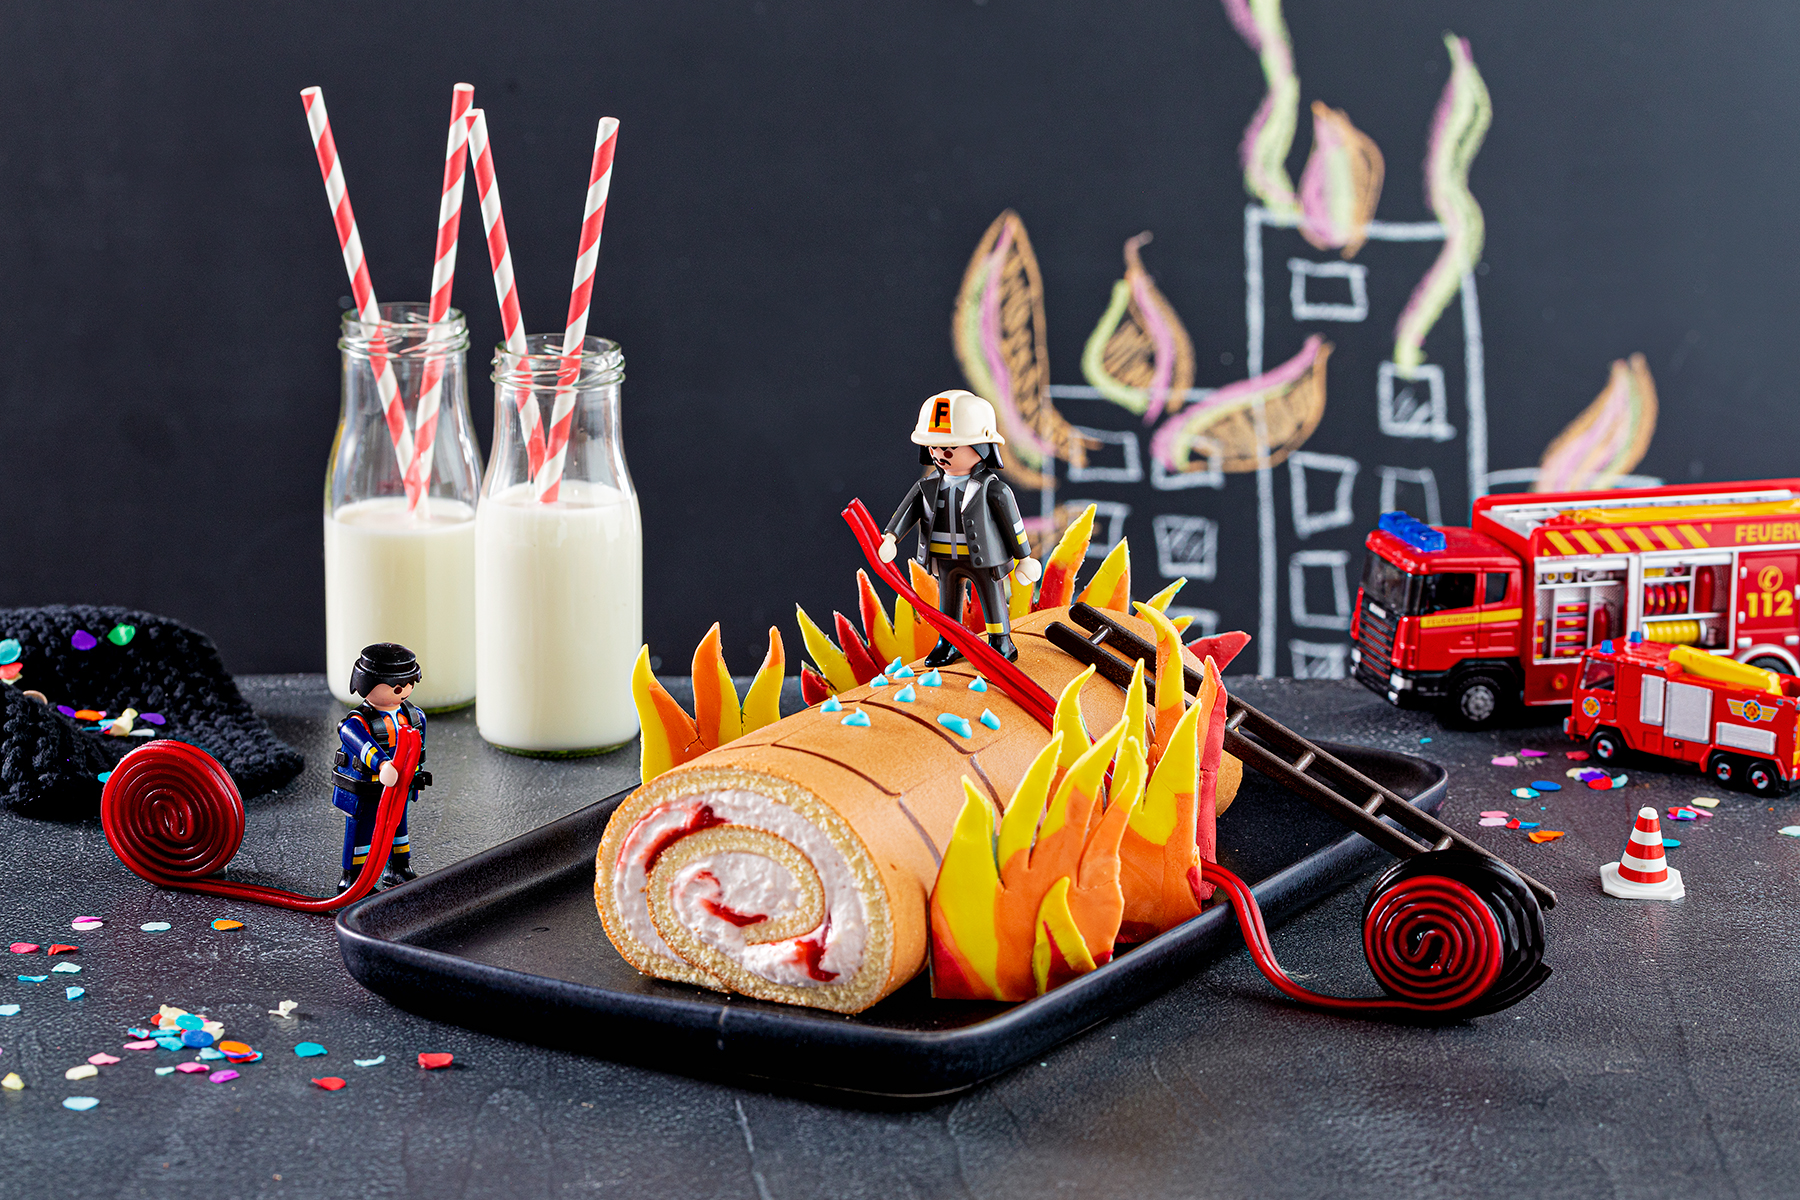 Feuerwehr-Kuchen zum Kindergeburtstag!